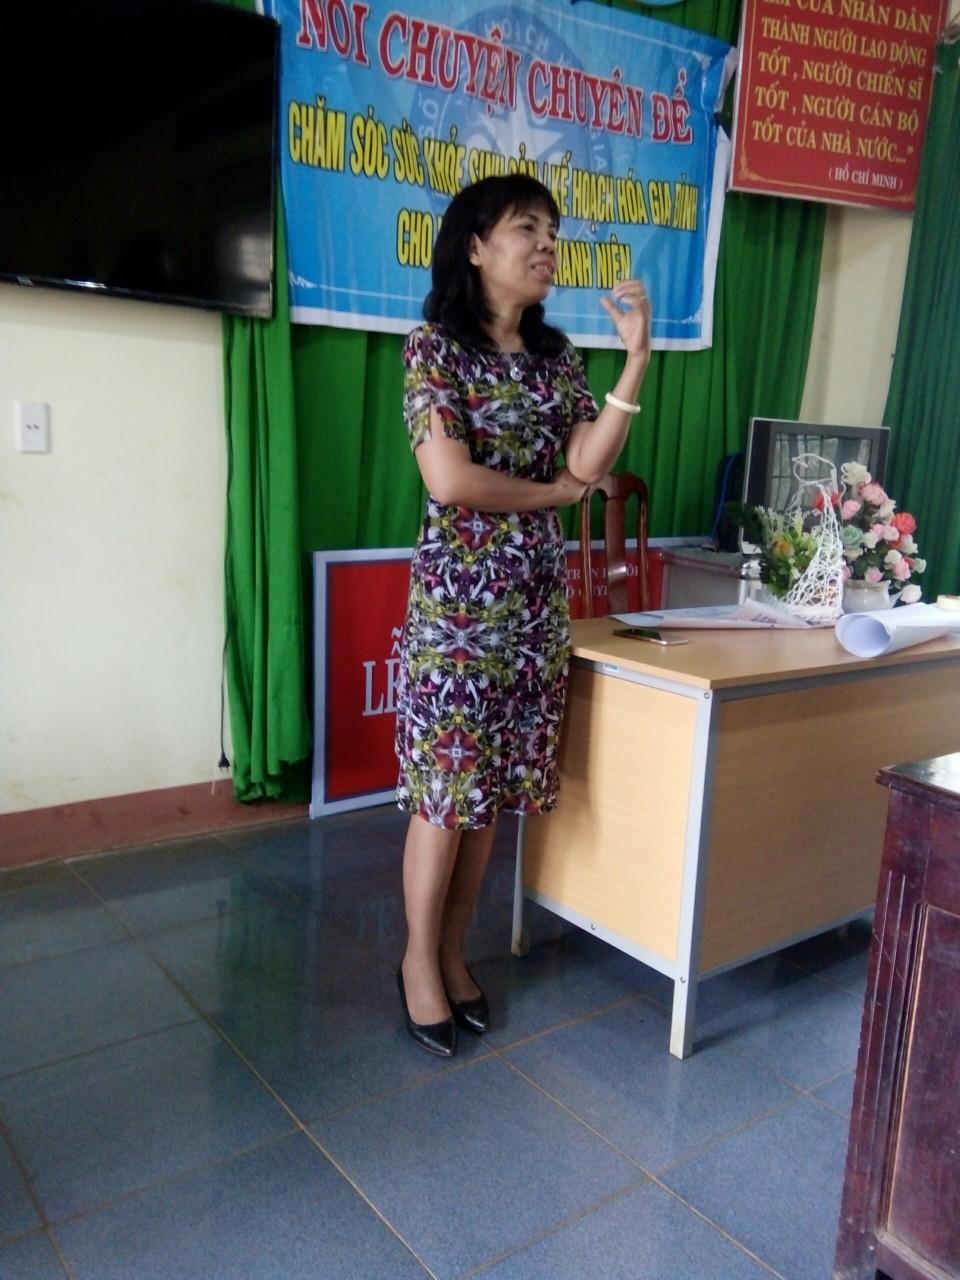 Nói chuyện chuyên đề chăm sóc sức khoẻ sinh sản cho phụ nữ và trẻ vị thành niên tại xã Ea Pốk, huyện Cư M'gar